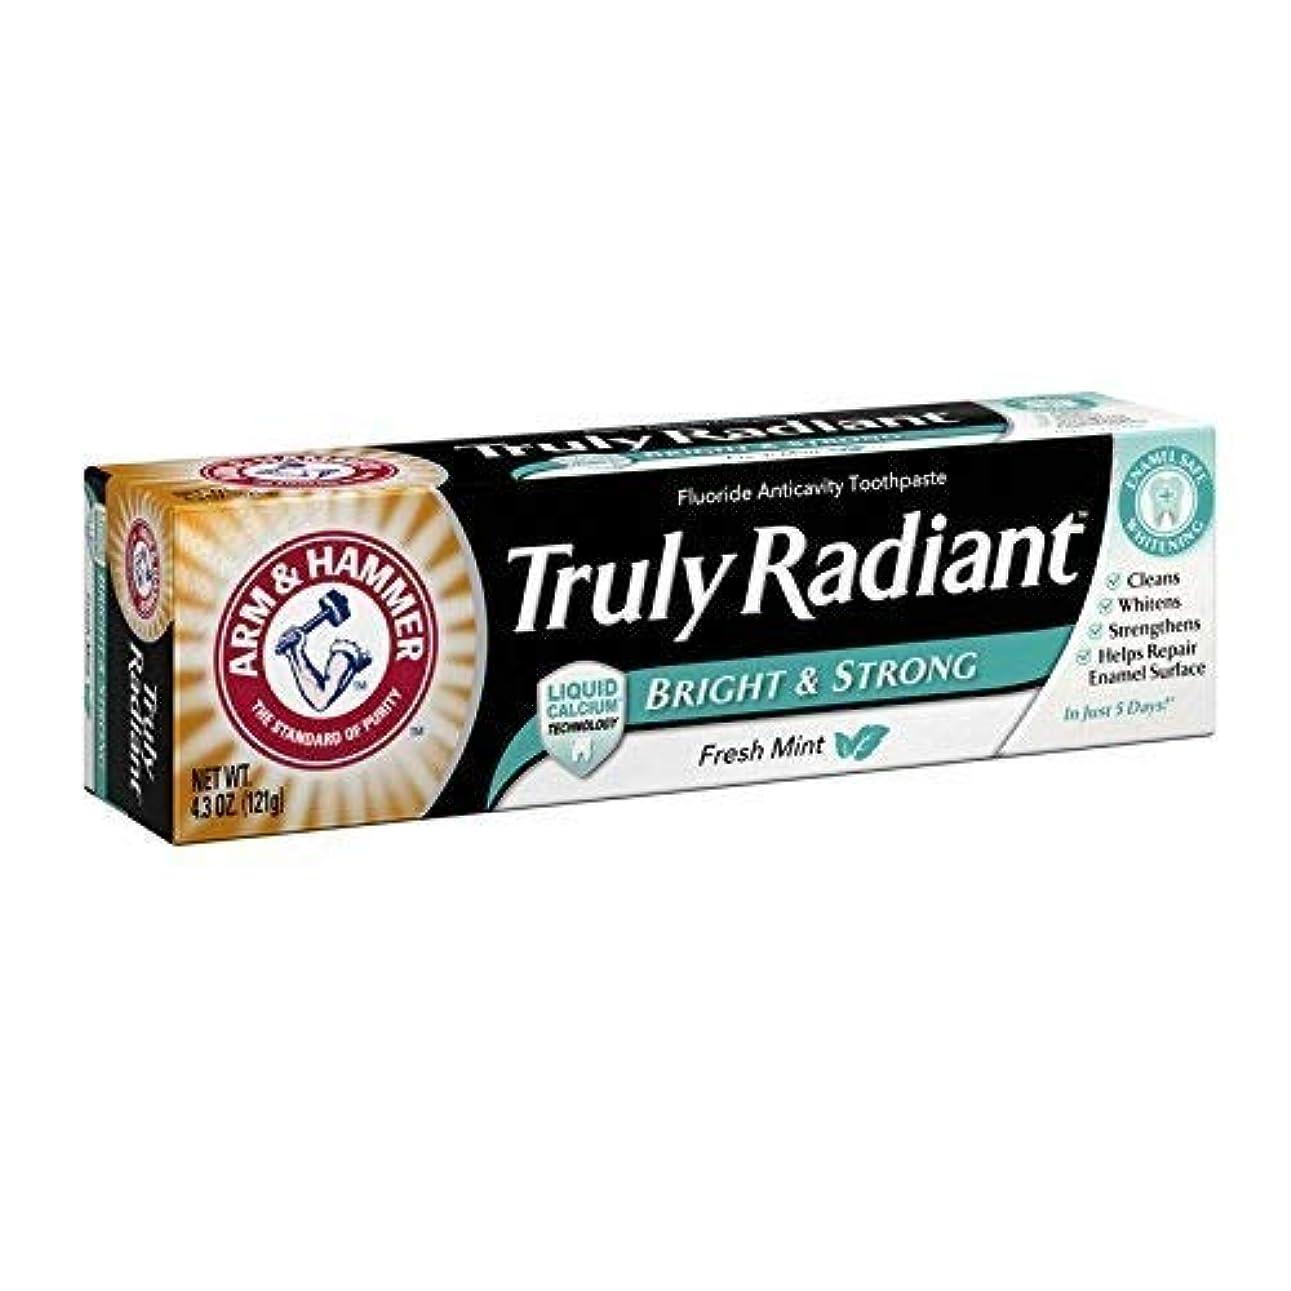 支援するすべて発火するArm & Hammer 本当にラディアン明るい&ストロングフッ化物虫歯予防歯磨きフレッシュミント4.3オズ 4.3 NET WT。